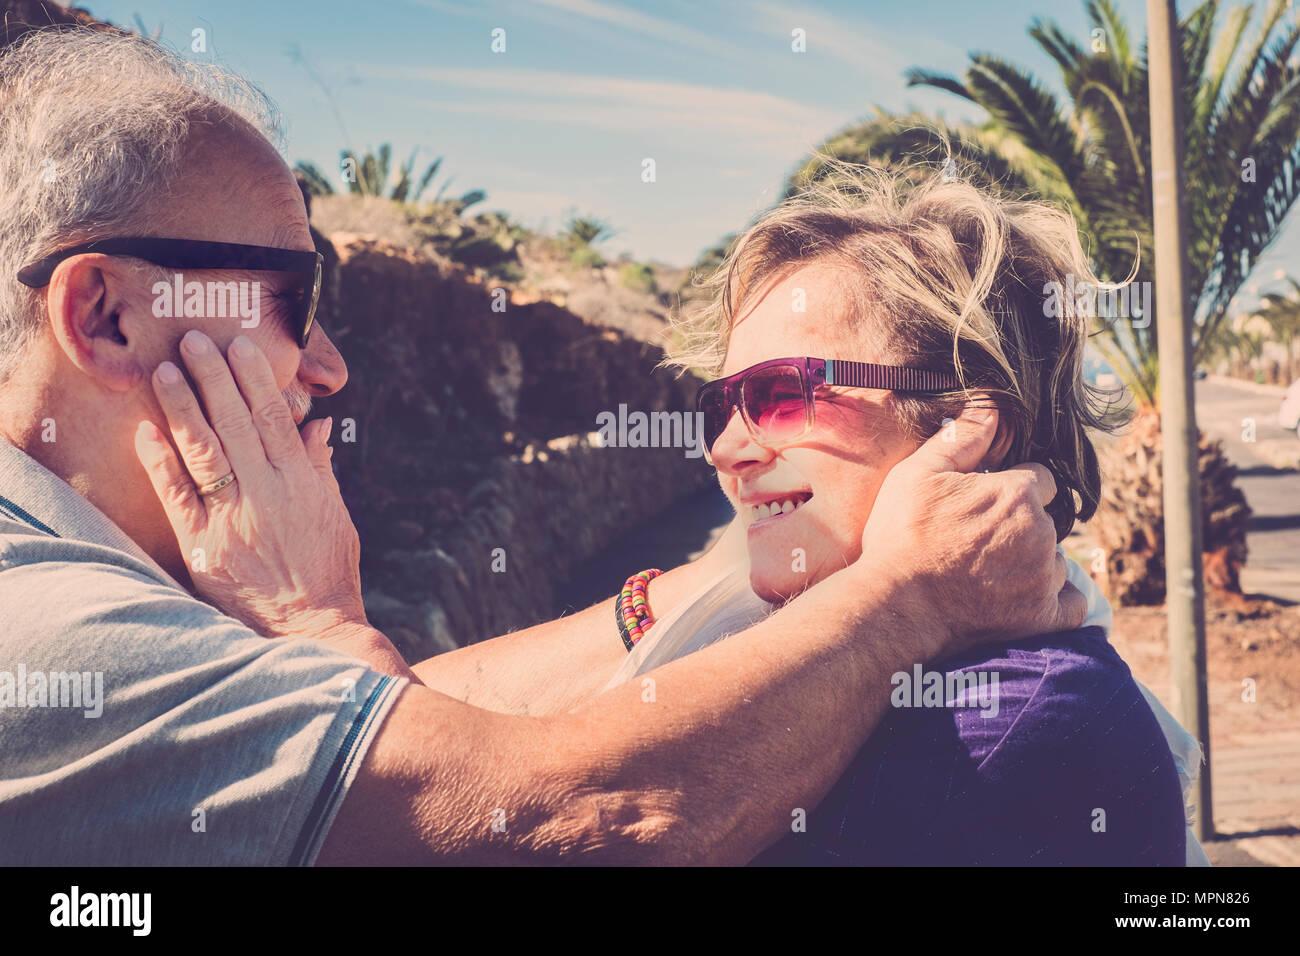 Couple âgé avec des cheveux blancs pampers et câlins les uns les autres à l'air libre sous le soleil à Ténérife Photo Stock